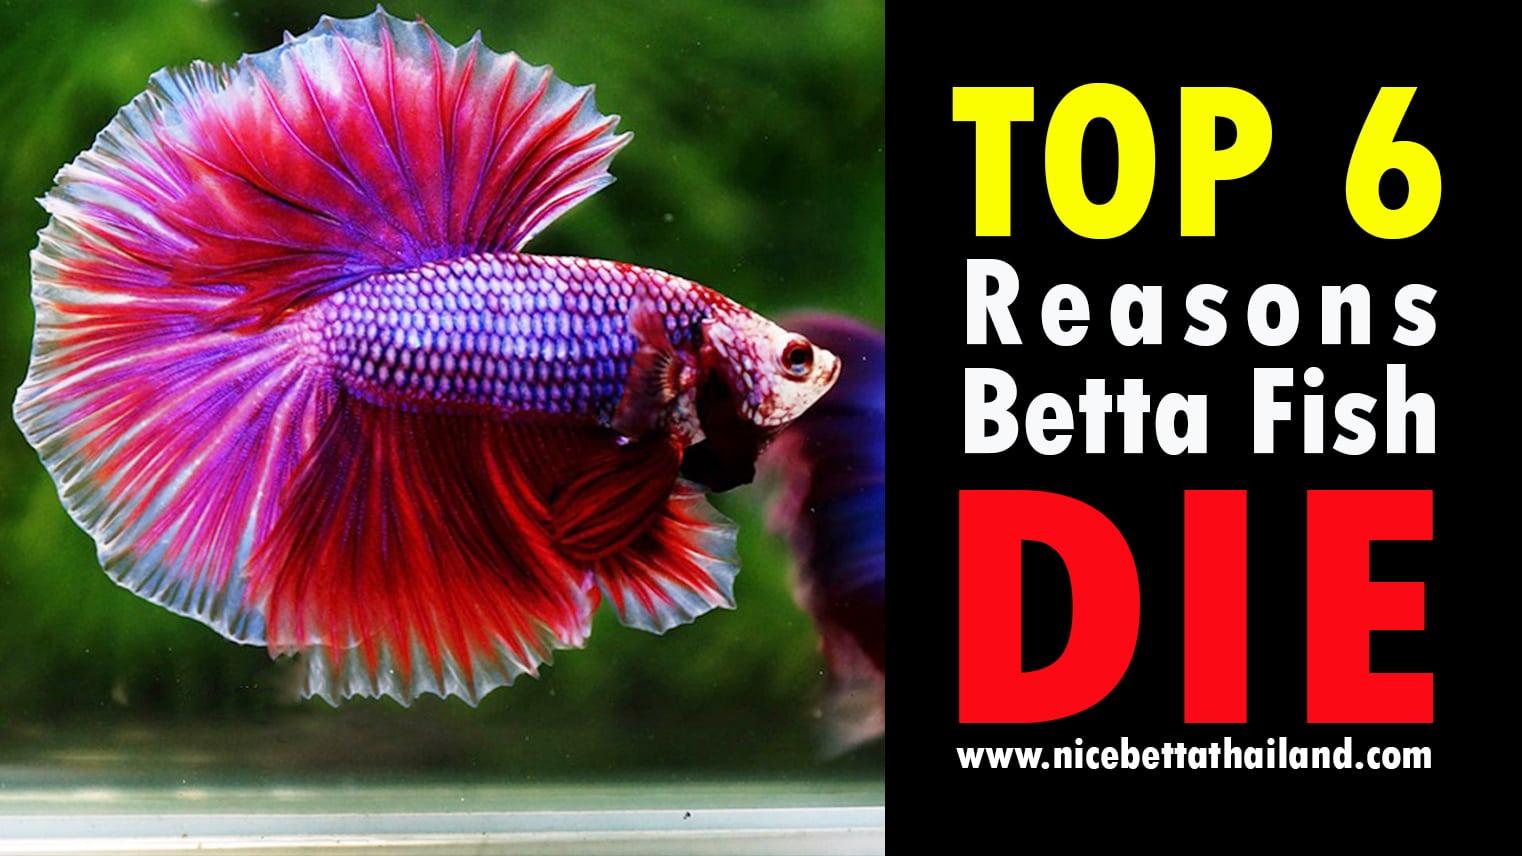 Top 6 Reasons Betta Fish Die